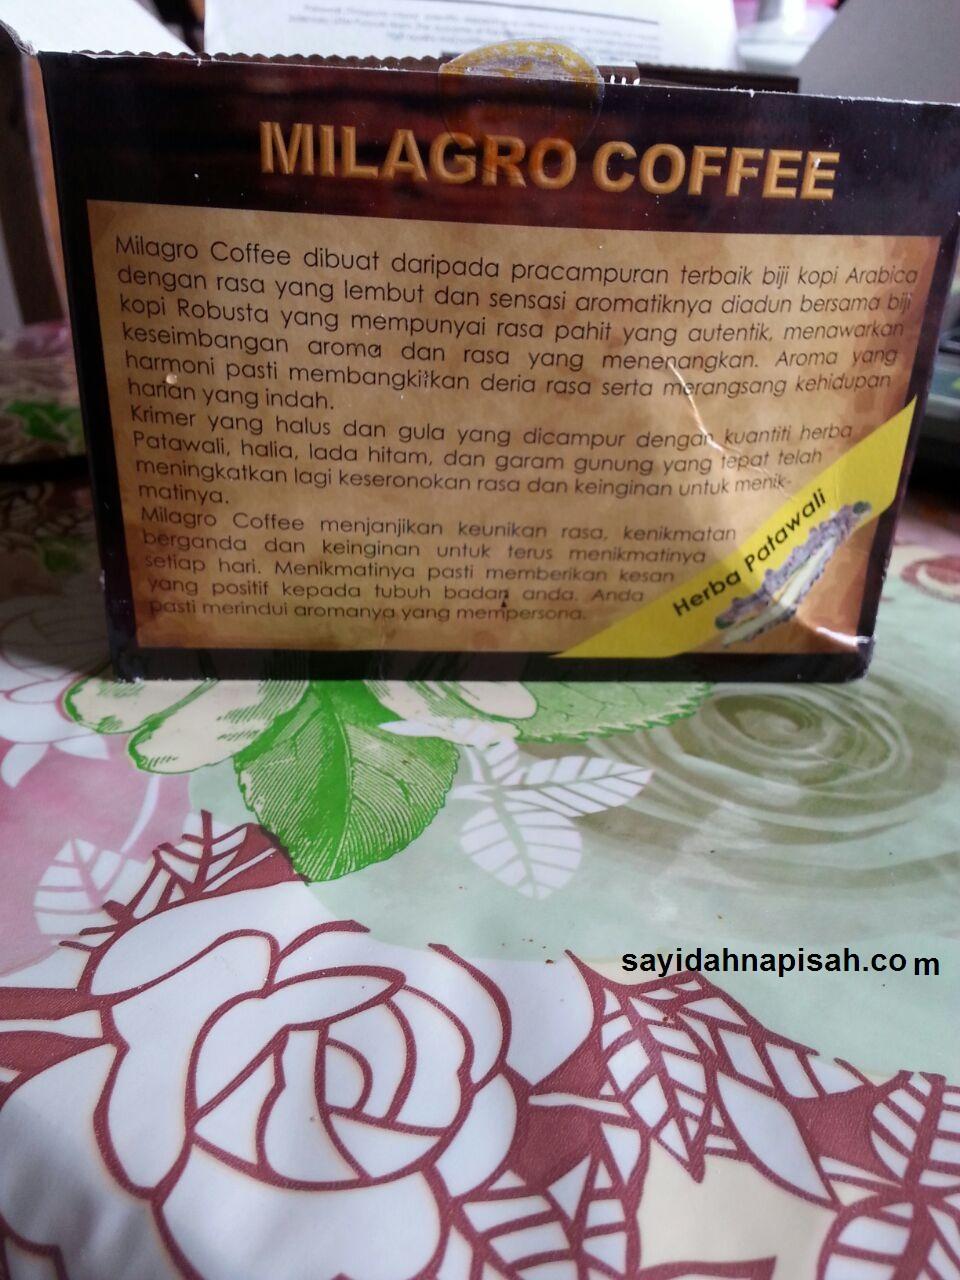 Milagro Coffee Patawali : Penawar Kencing Manis & Darah Tinggi